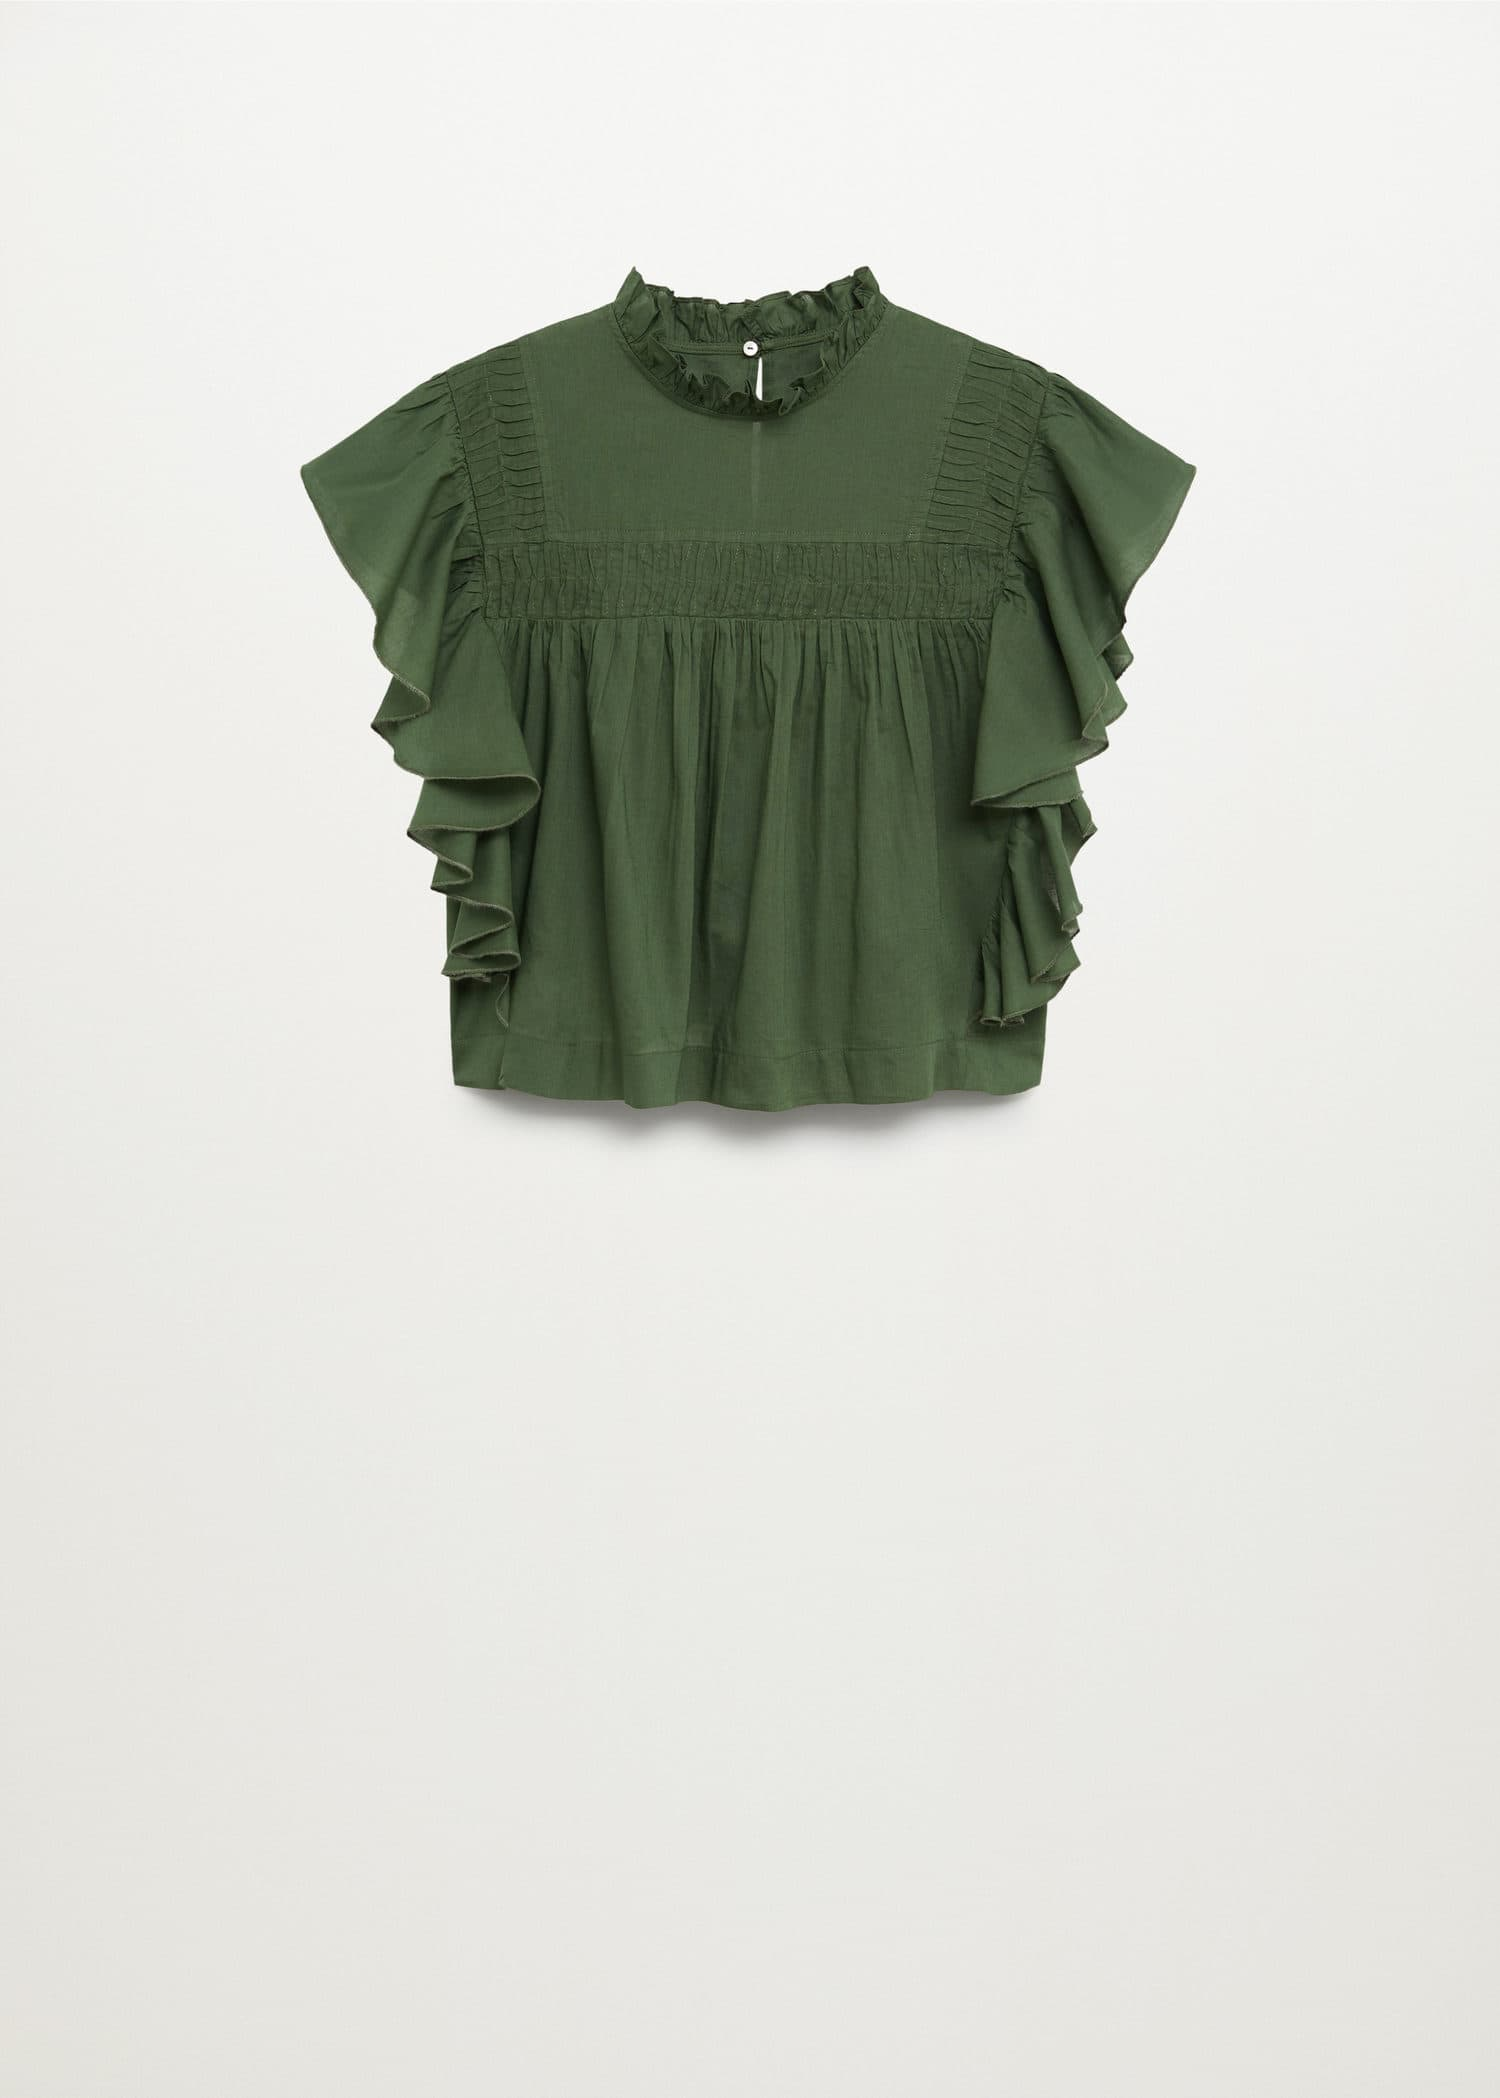 T skjorter og topper for Damer 2019   Mango Norge